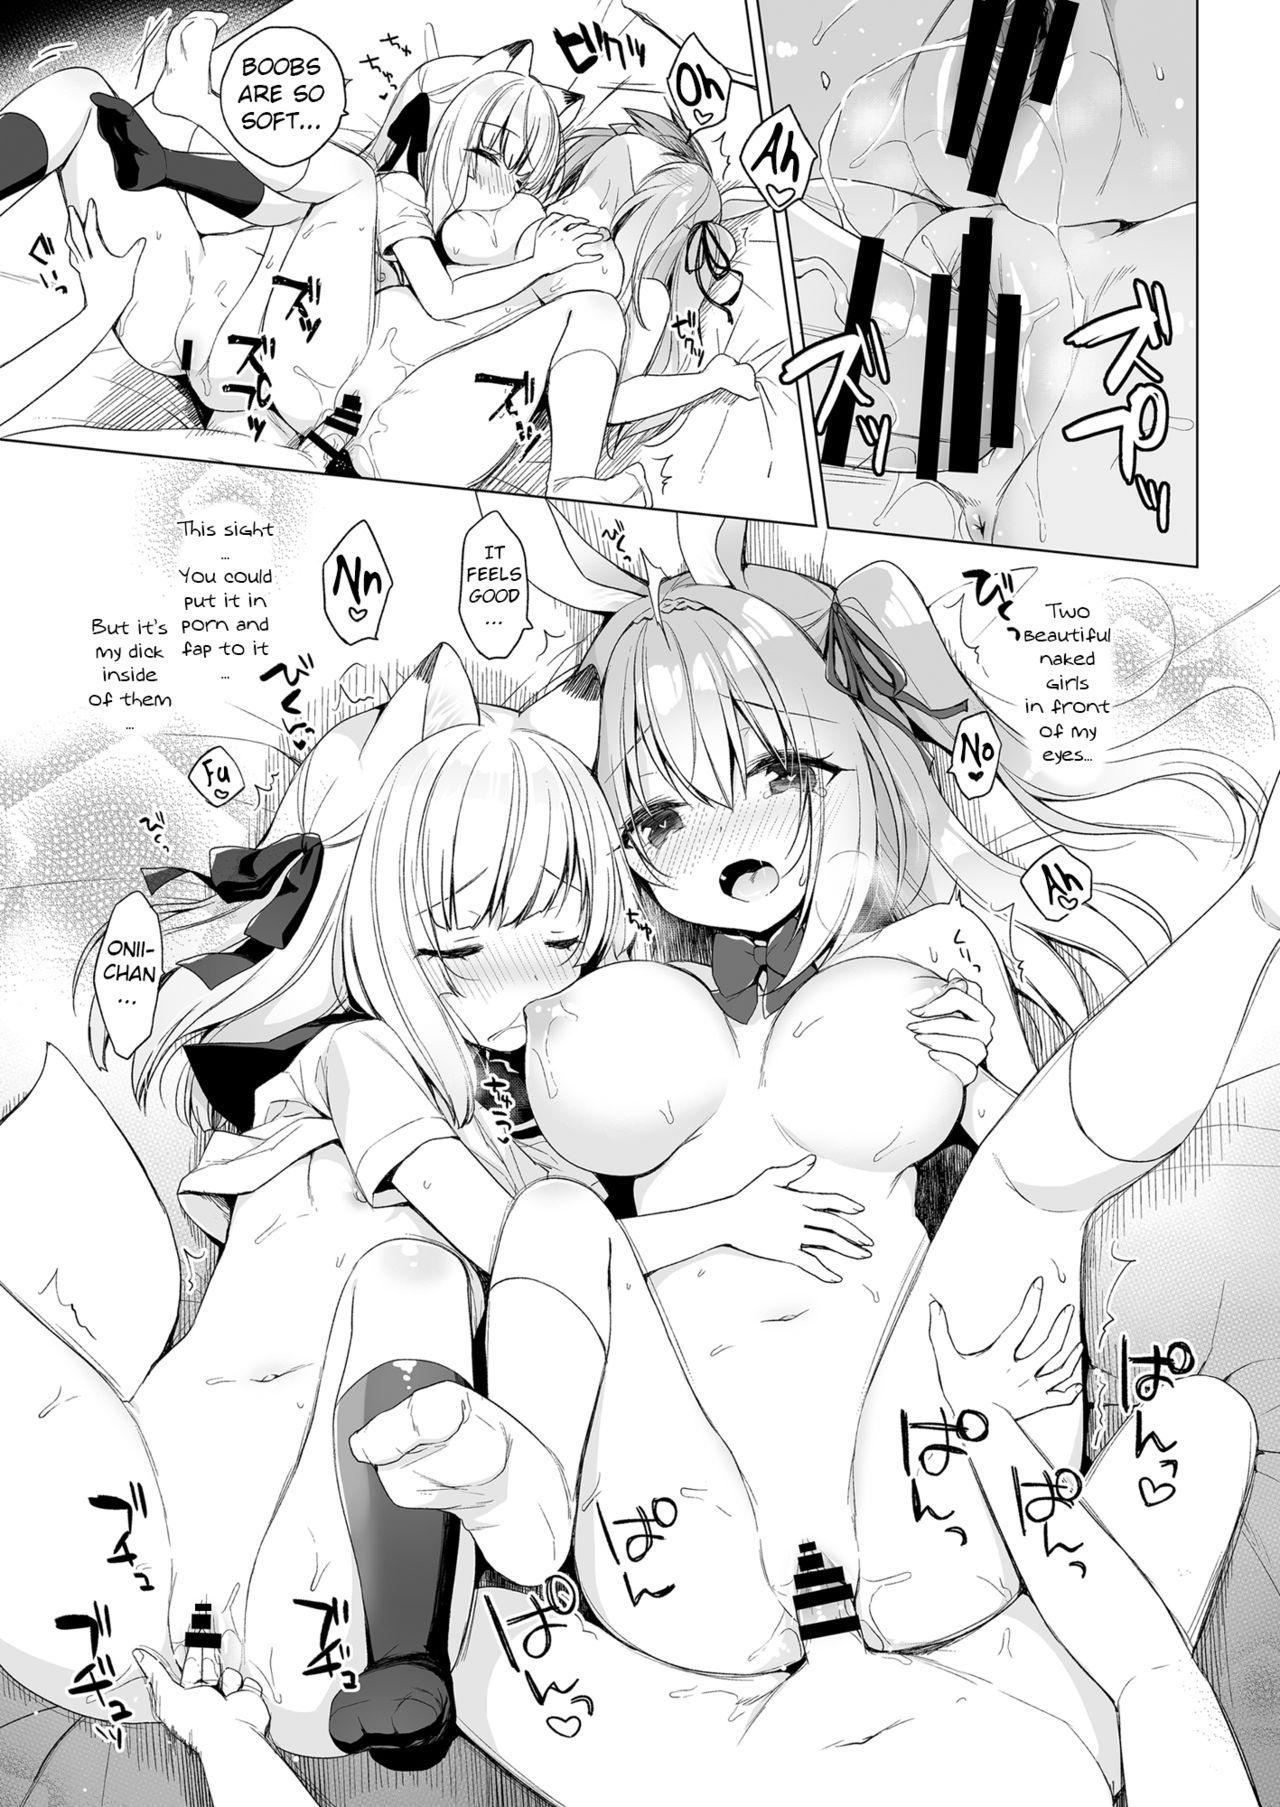 Boku no Risou no Isekai Seikatsu 8 24